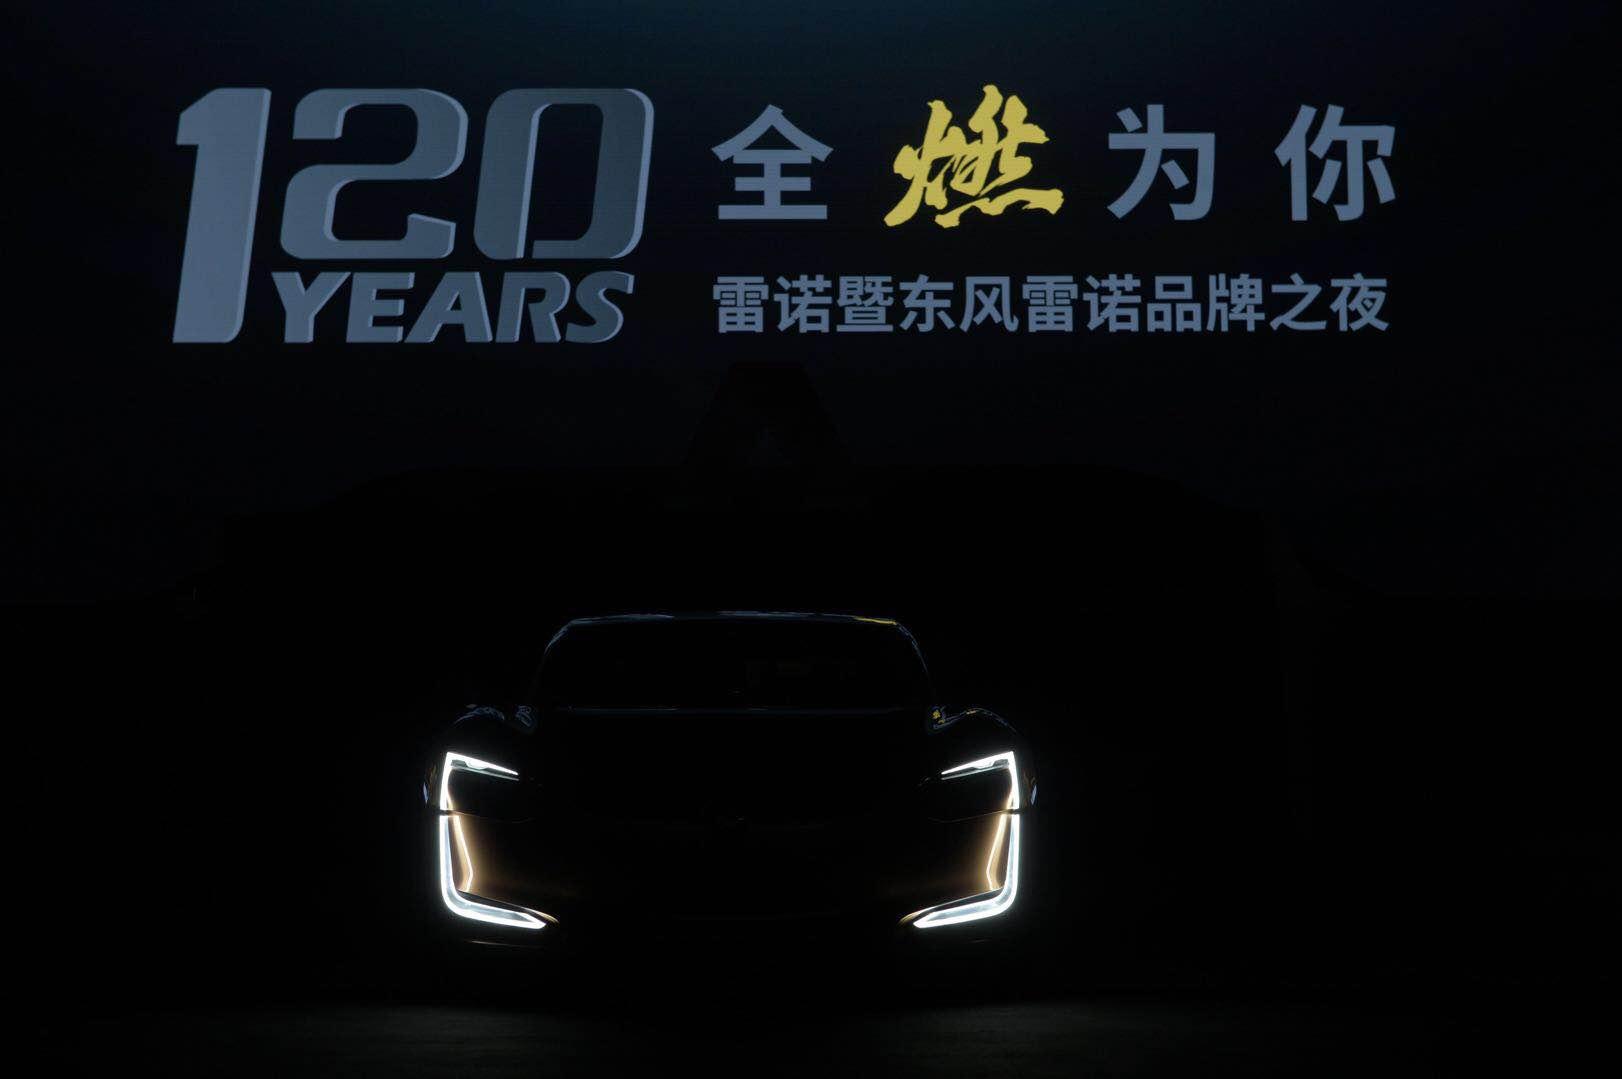 雷诺发布2022愿景 推出120周年限量版车型